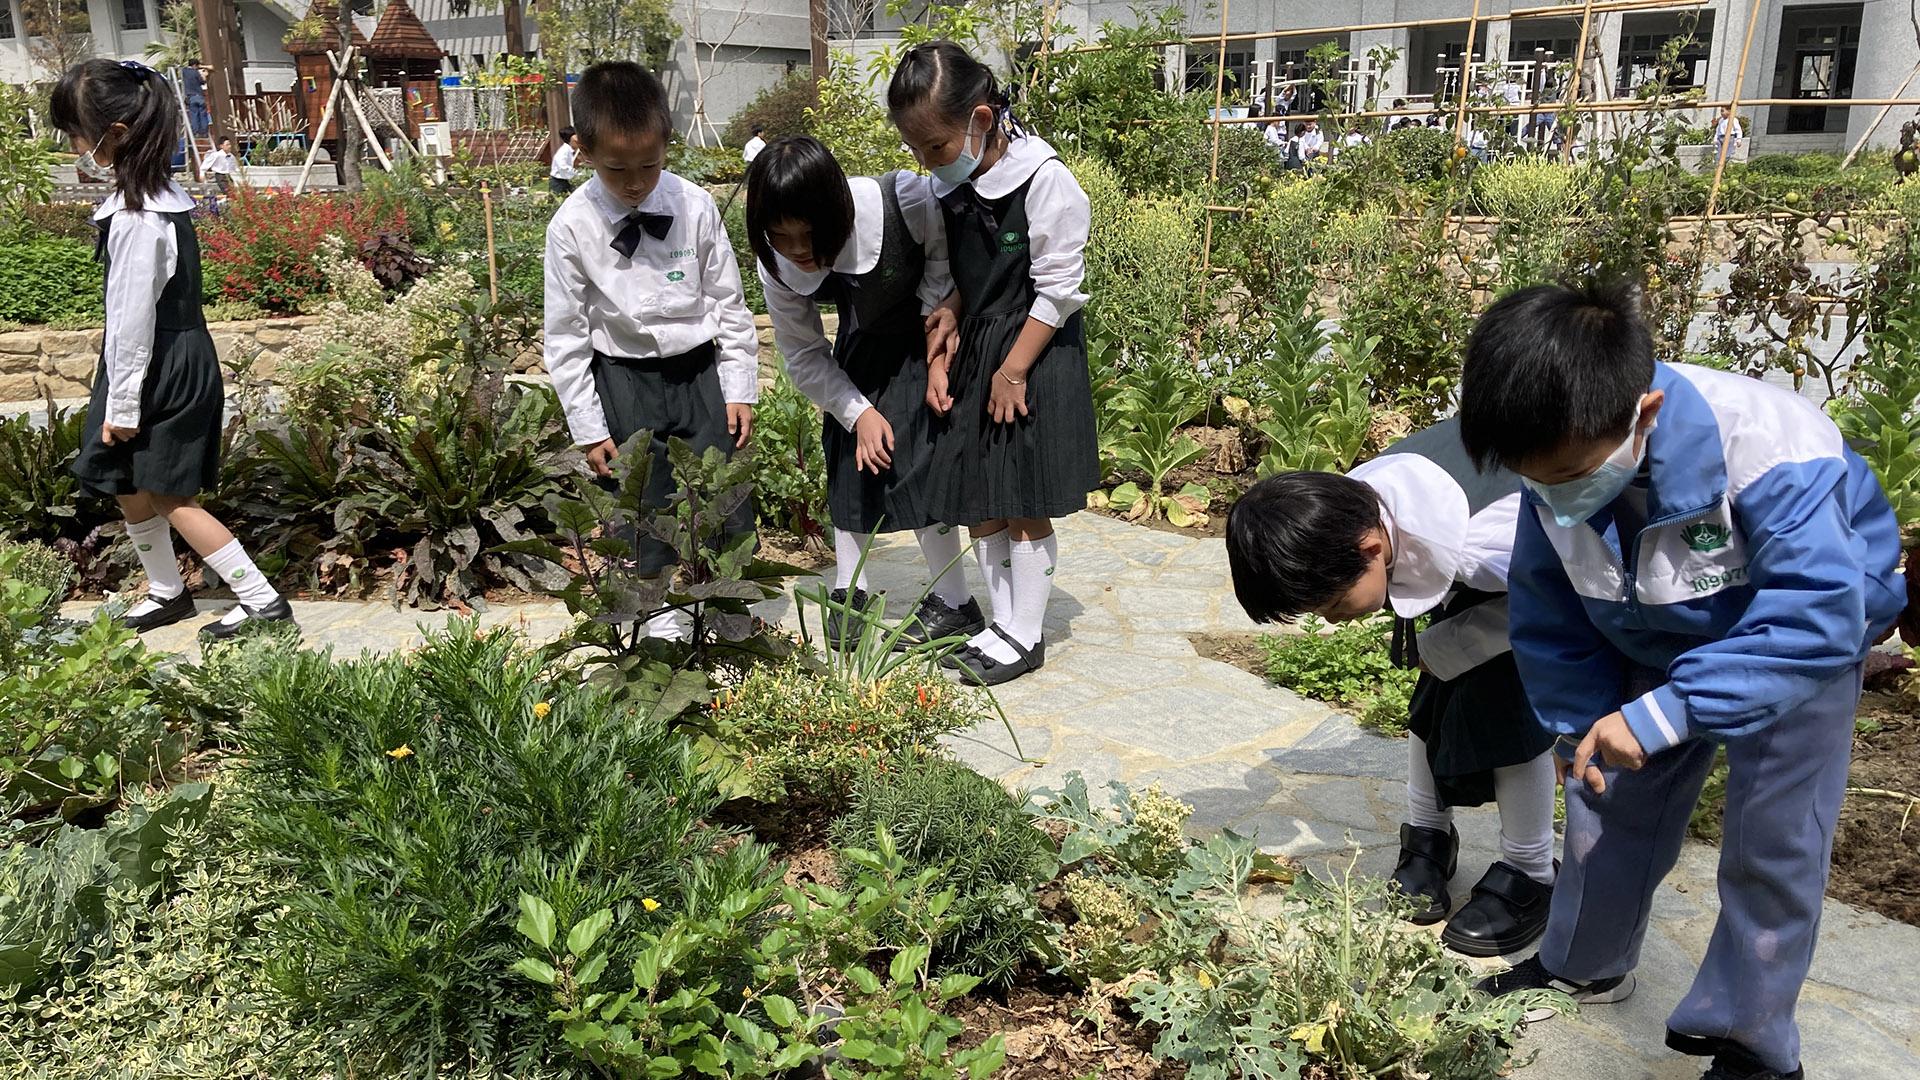 小學部中庭香草植物教材園區,香草植物地景激發五感體驗。